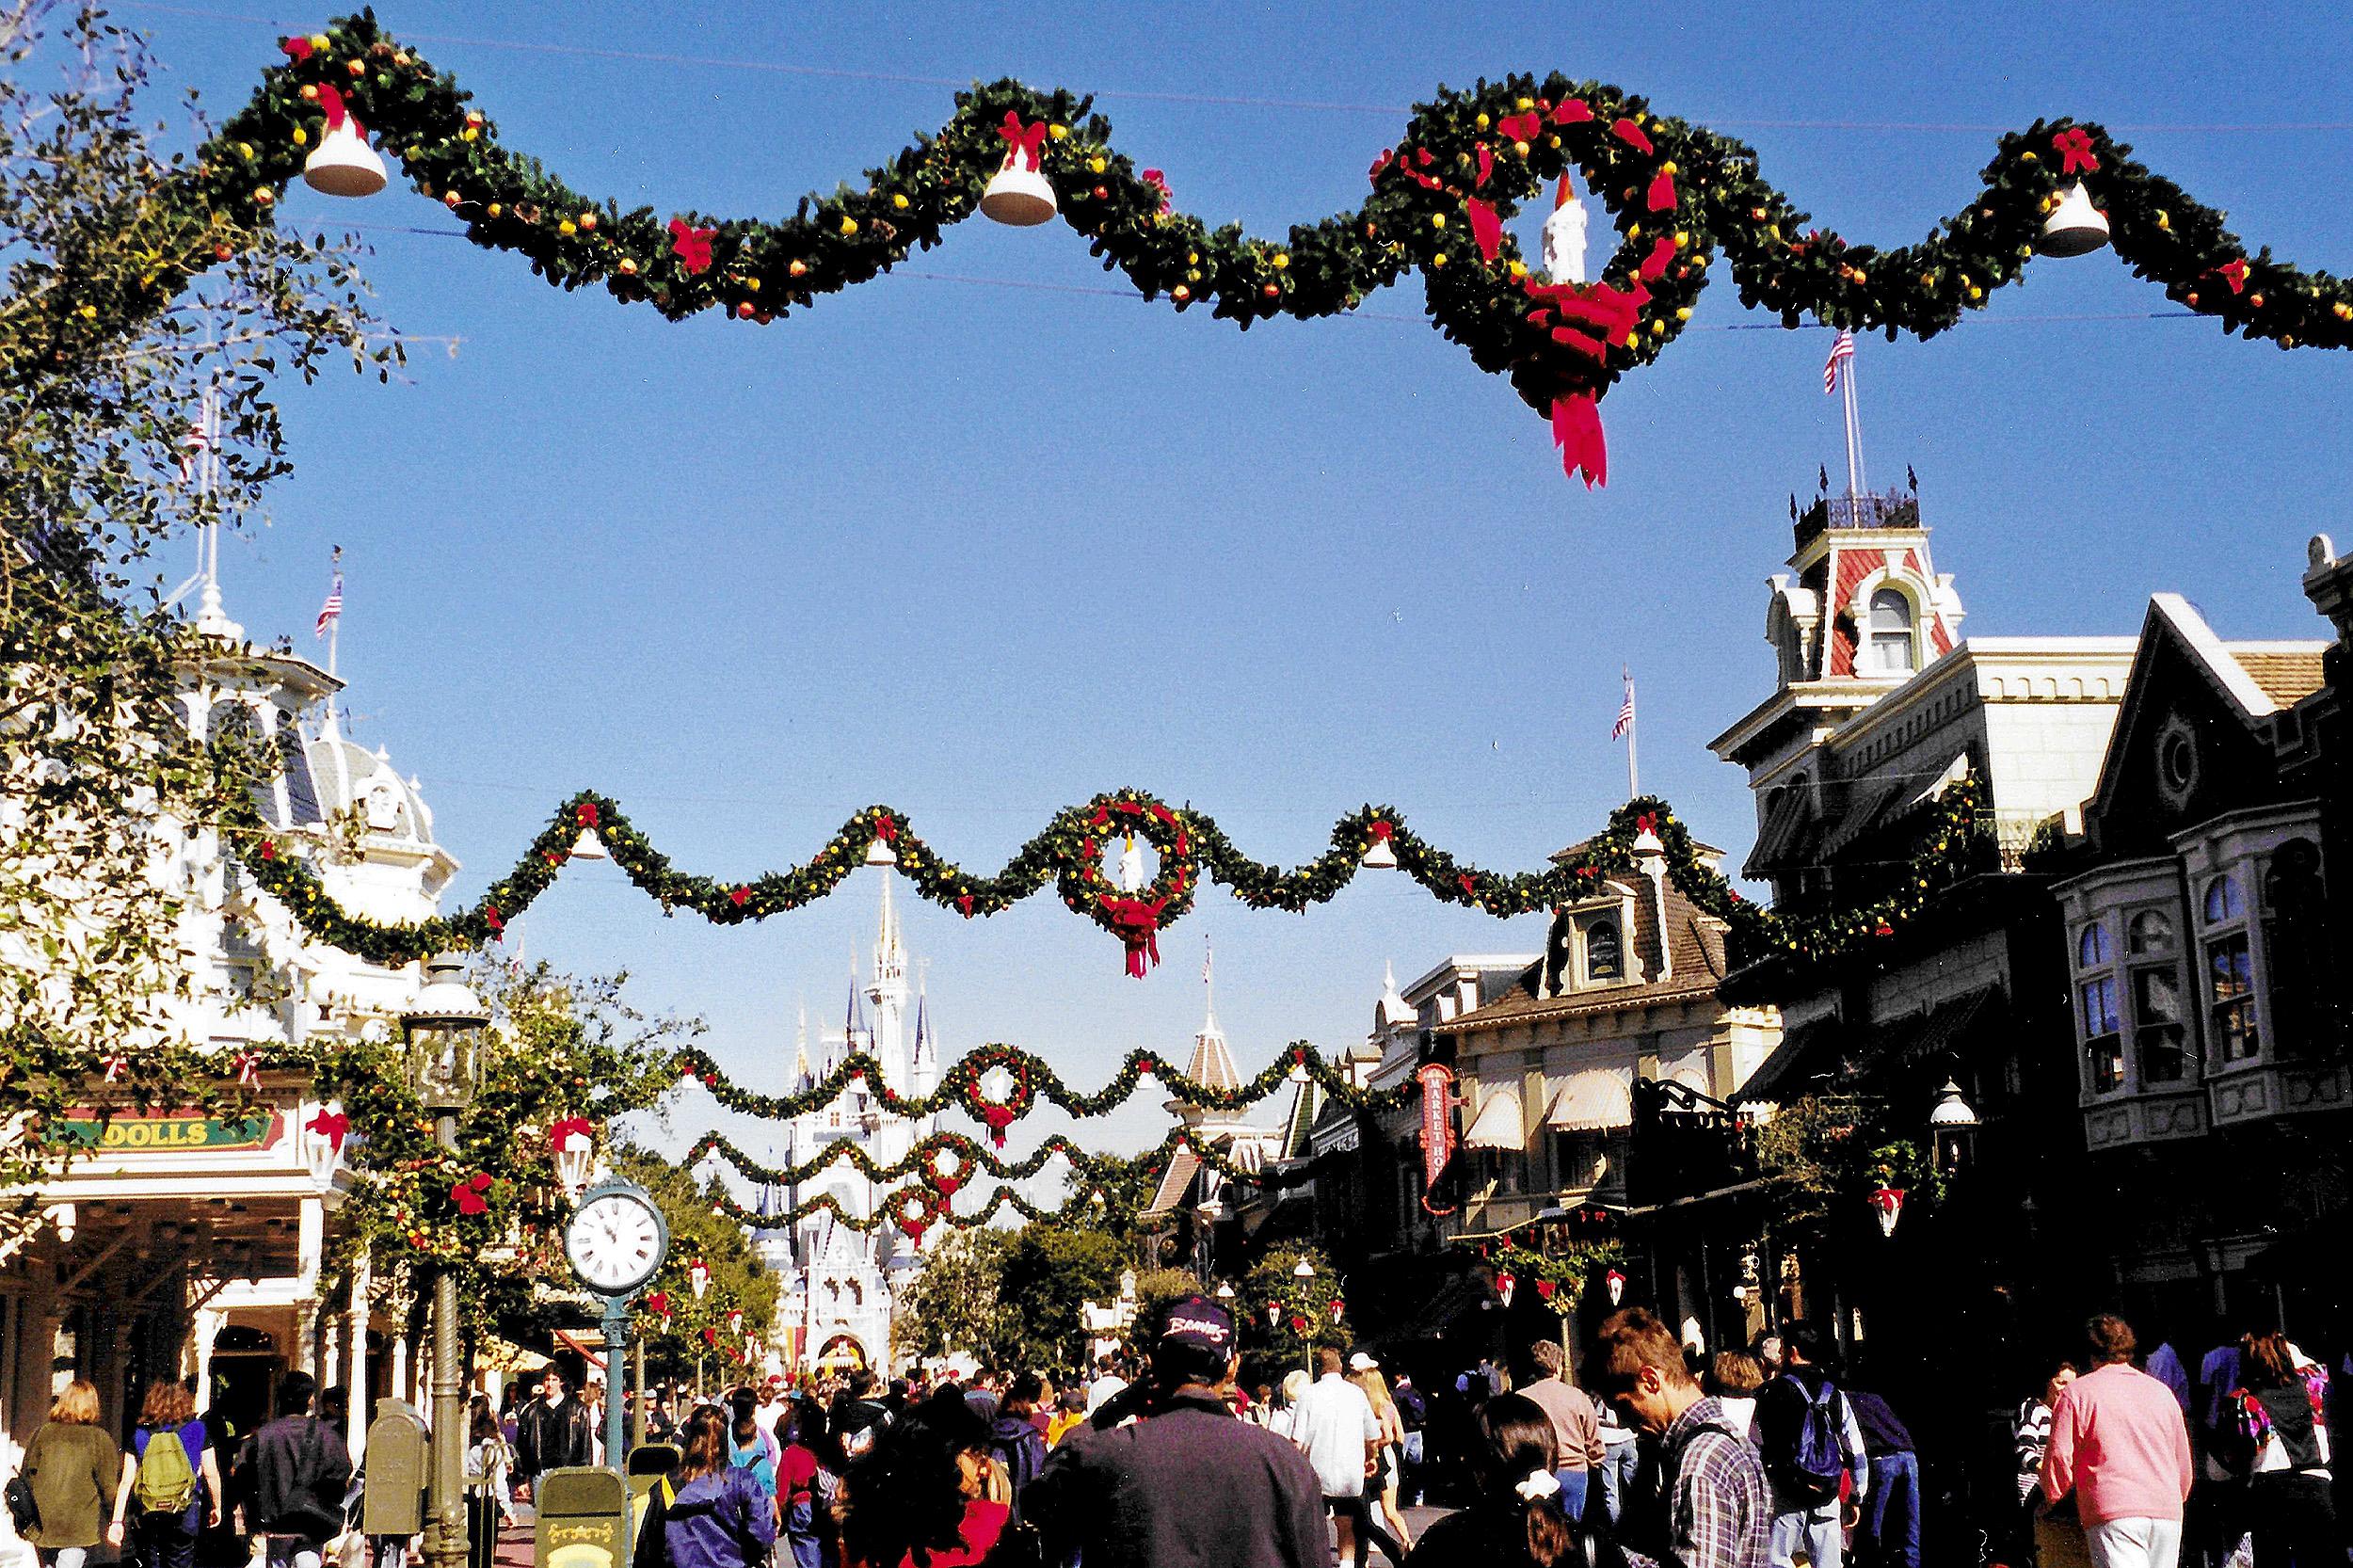 Juldekorationer Magic Kingdom Orlando Nyårsafton